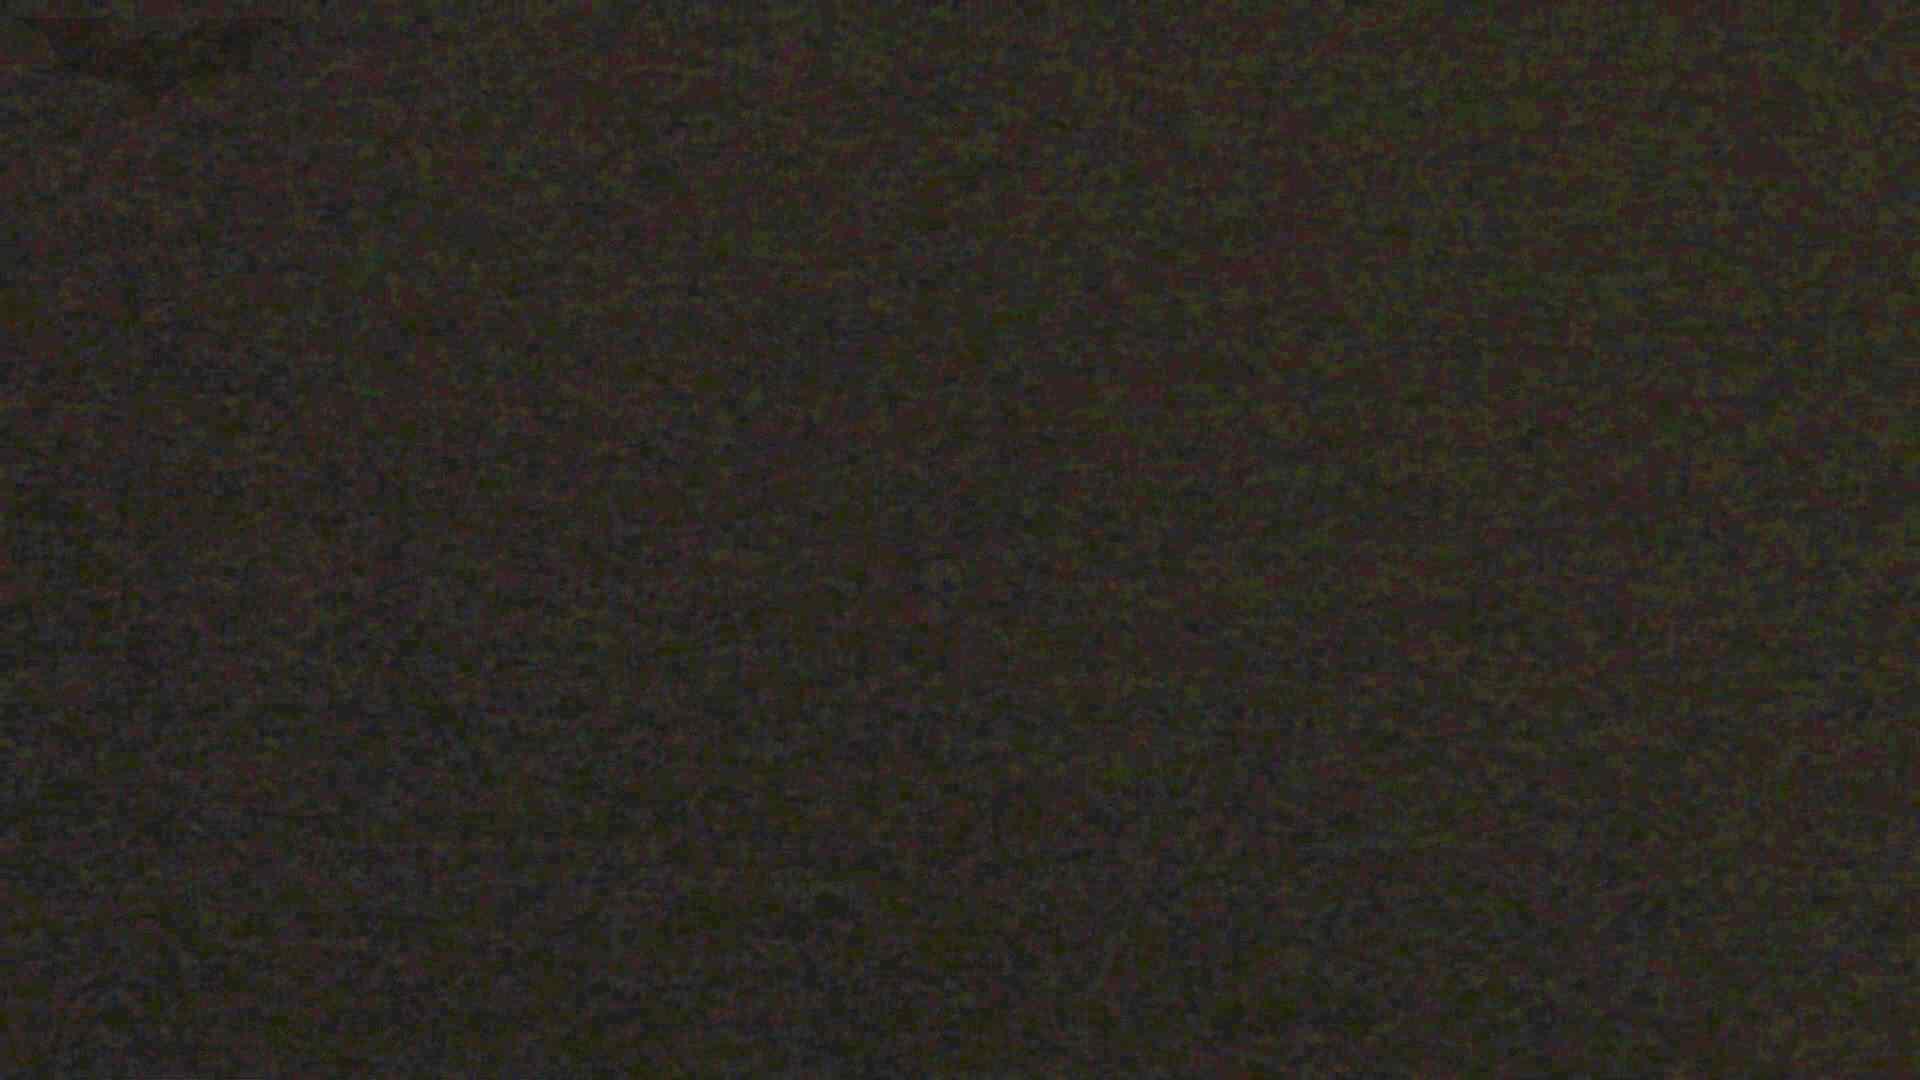 ステーション編 vol.28 無料動画に登場したモデルつい本番登場!! ギャル達 ワレメ動画紹介 99枚 50